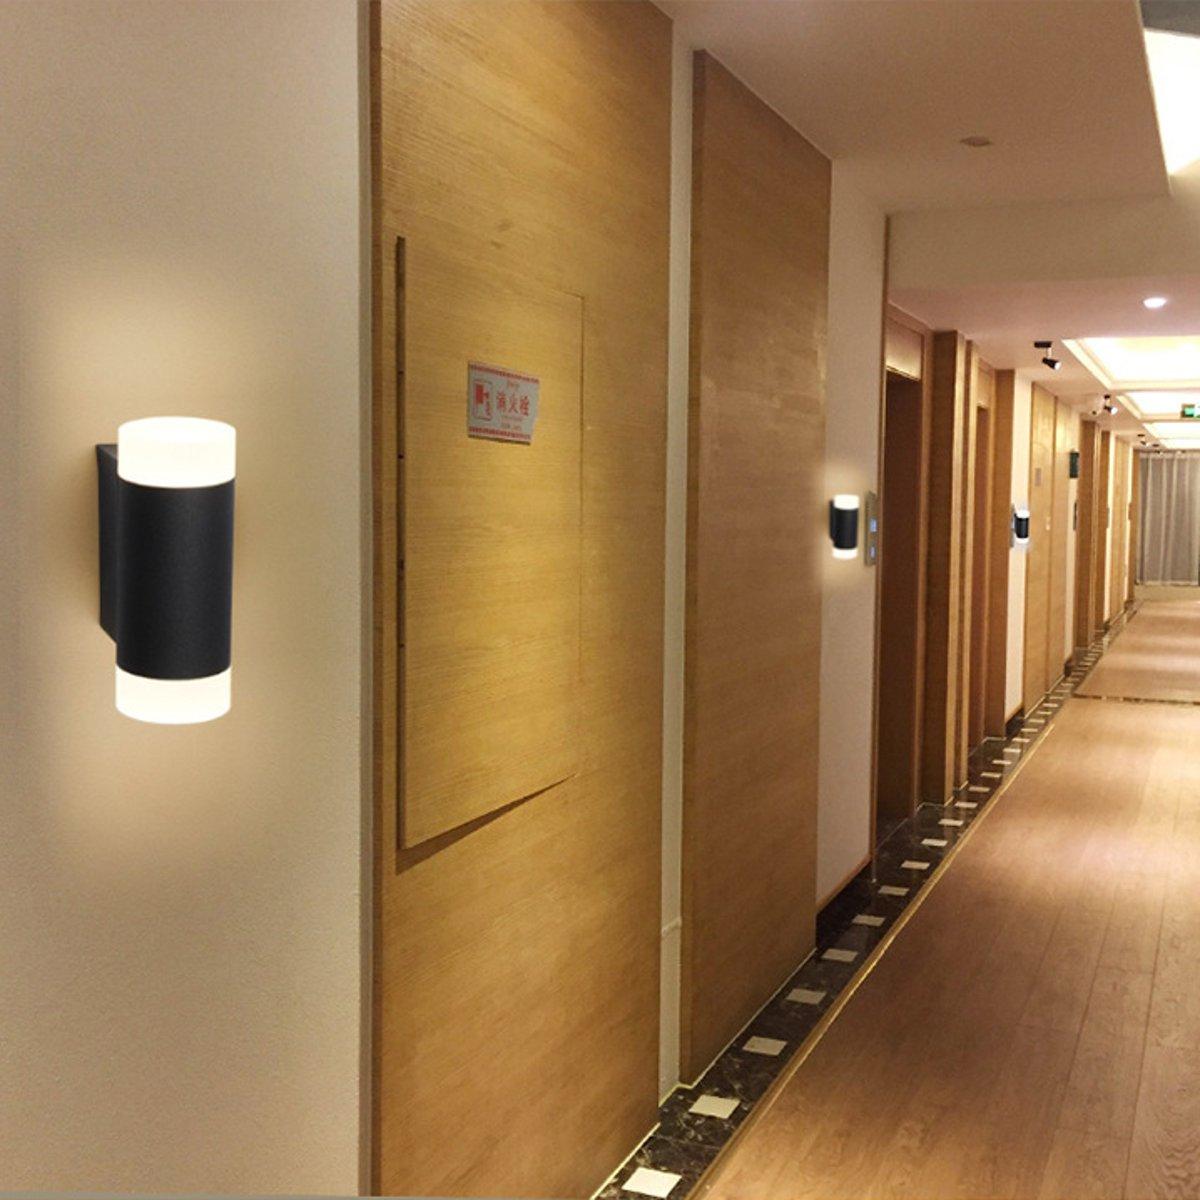 Koop W Led Lamp Outdoor Wandlamp Up Verlichting Beste 6 Down OnvmN80w